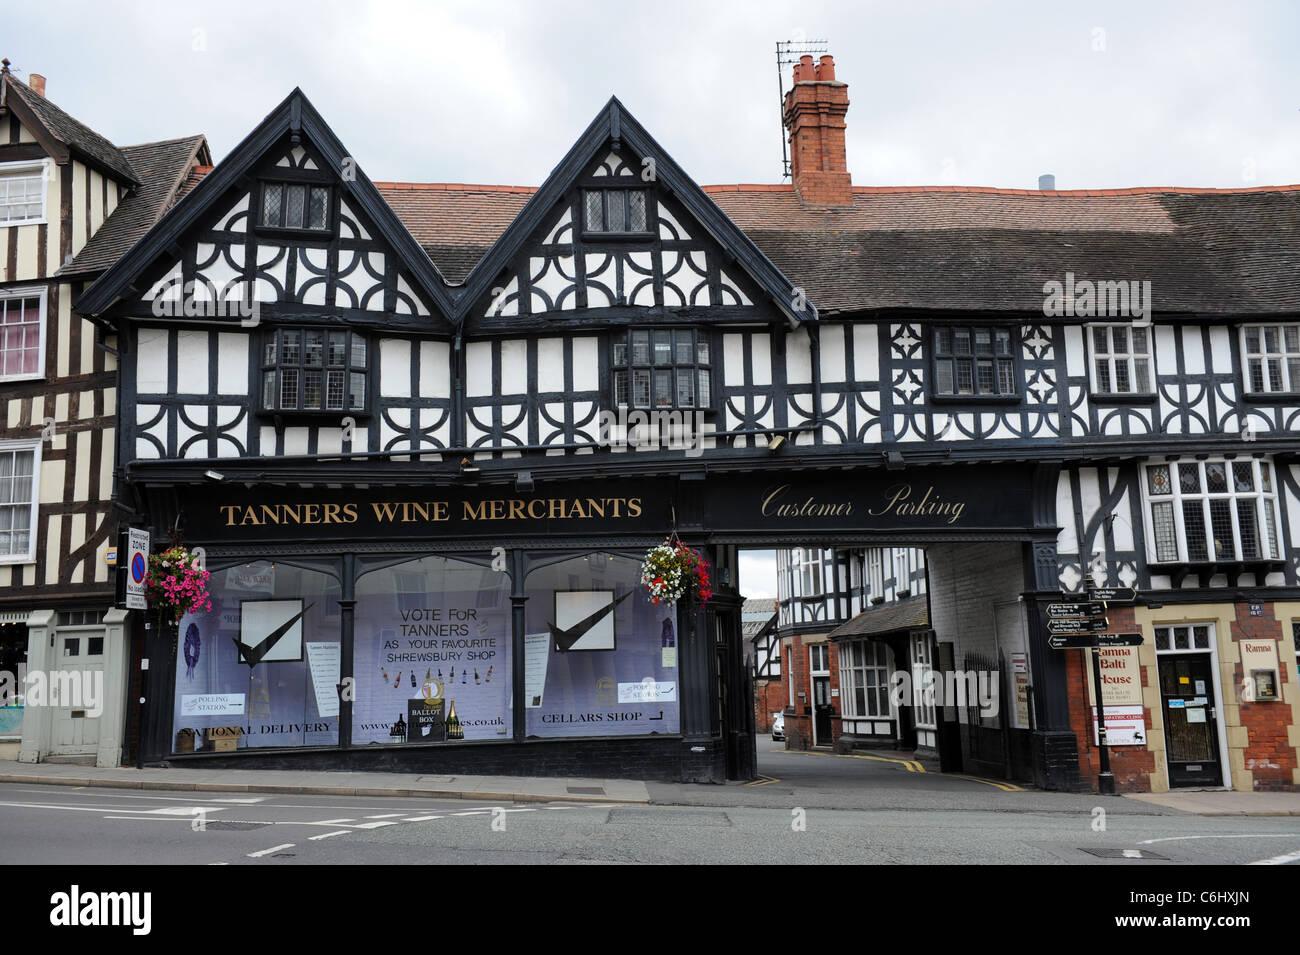 Tanners Wine Merchants in Shrewsbury Shropshire England Uk - Stock Image